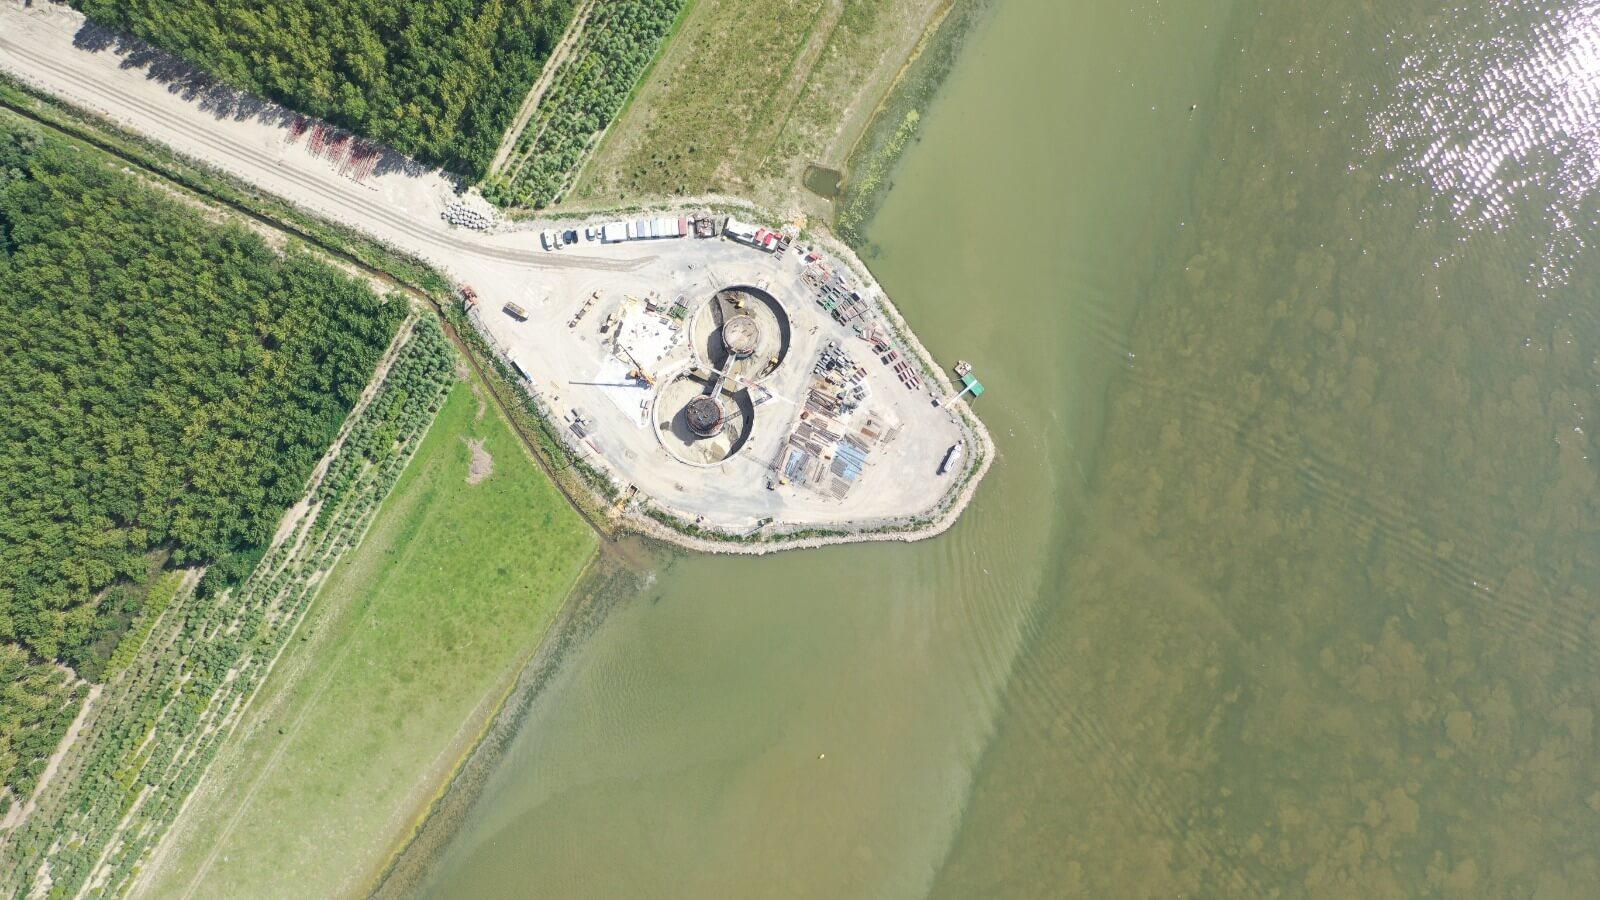 Infrastructură | Podul peste Dunăre de la Brăila avansează în ritm alert